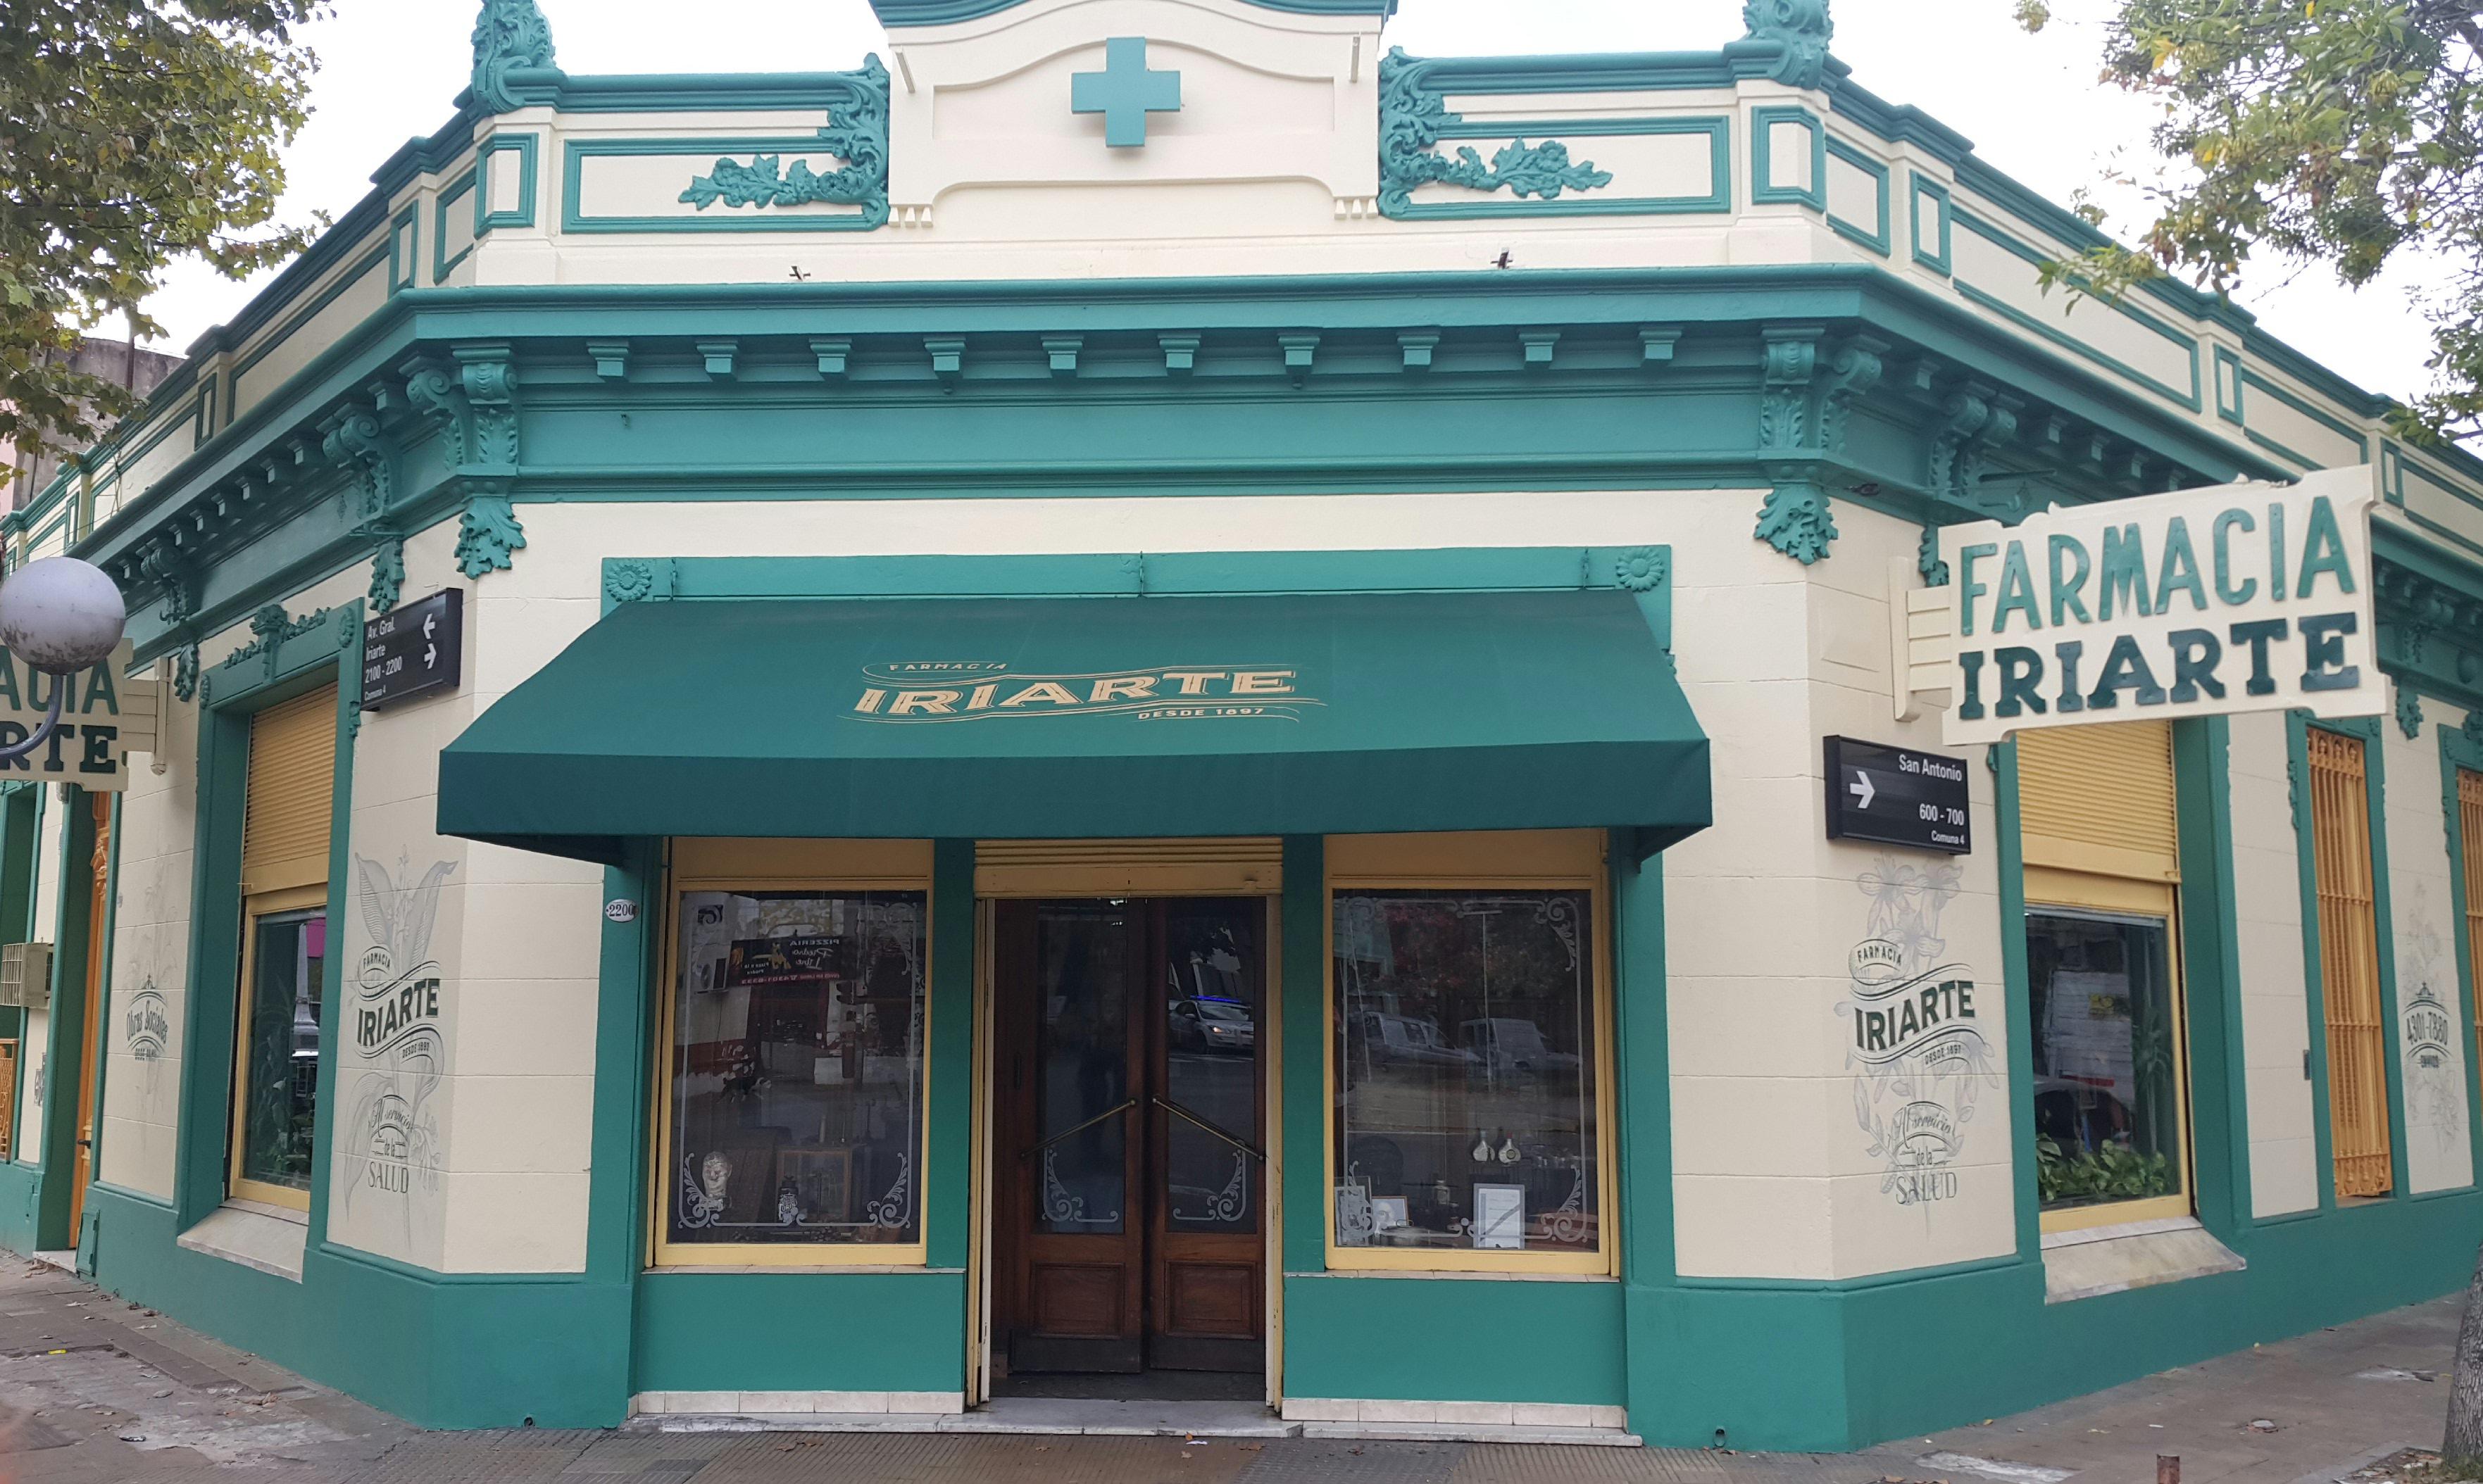 fue fundada en marzo de y conserva en su interior como algunas otras farmacias de buenos aires el mobiliario y las carpinteras originales